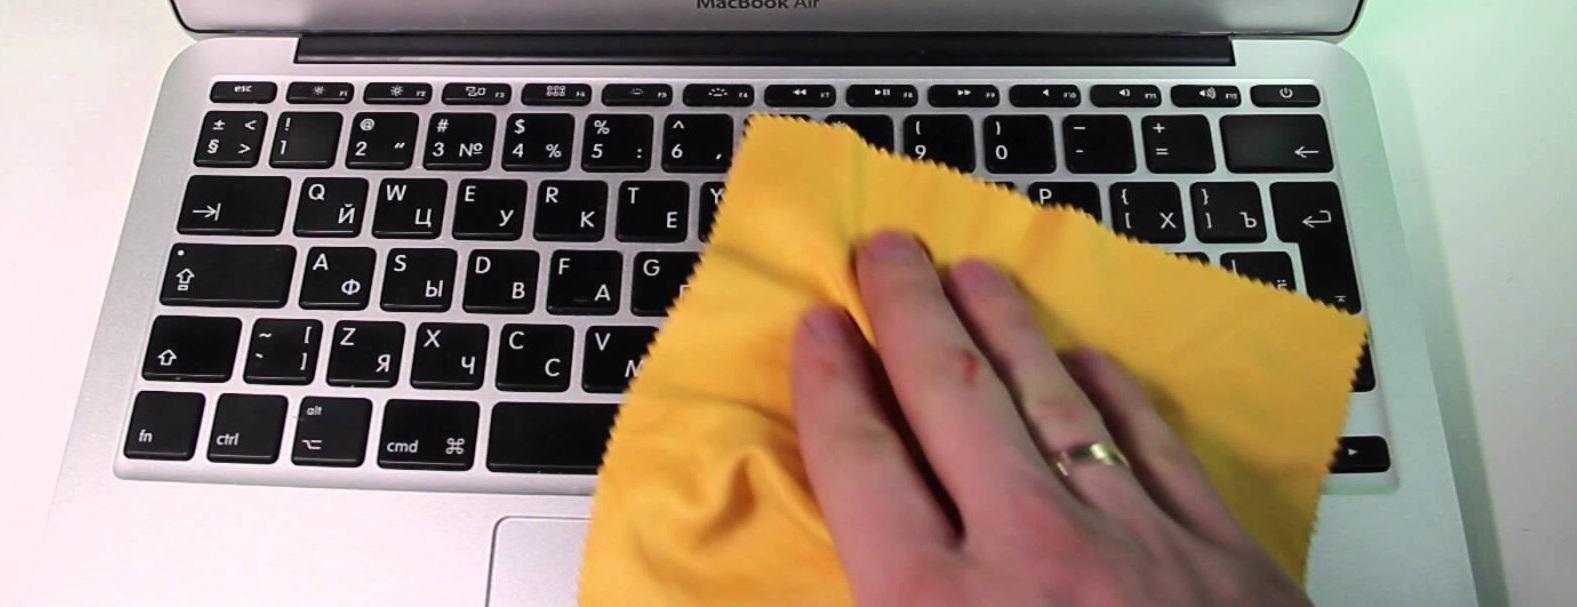 вытираем макбук салфеткой